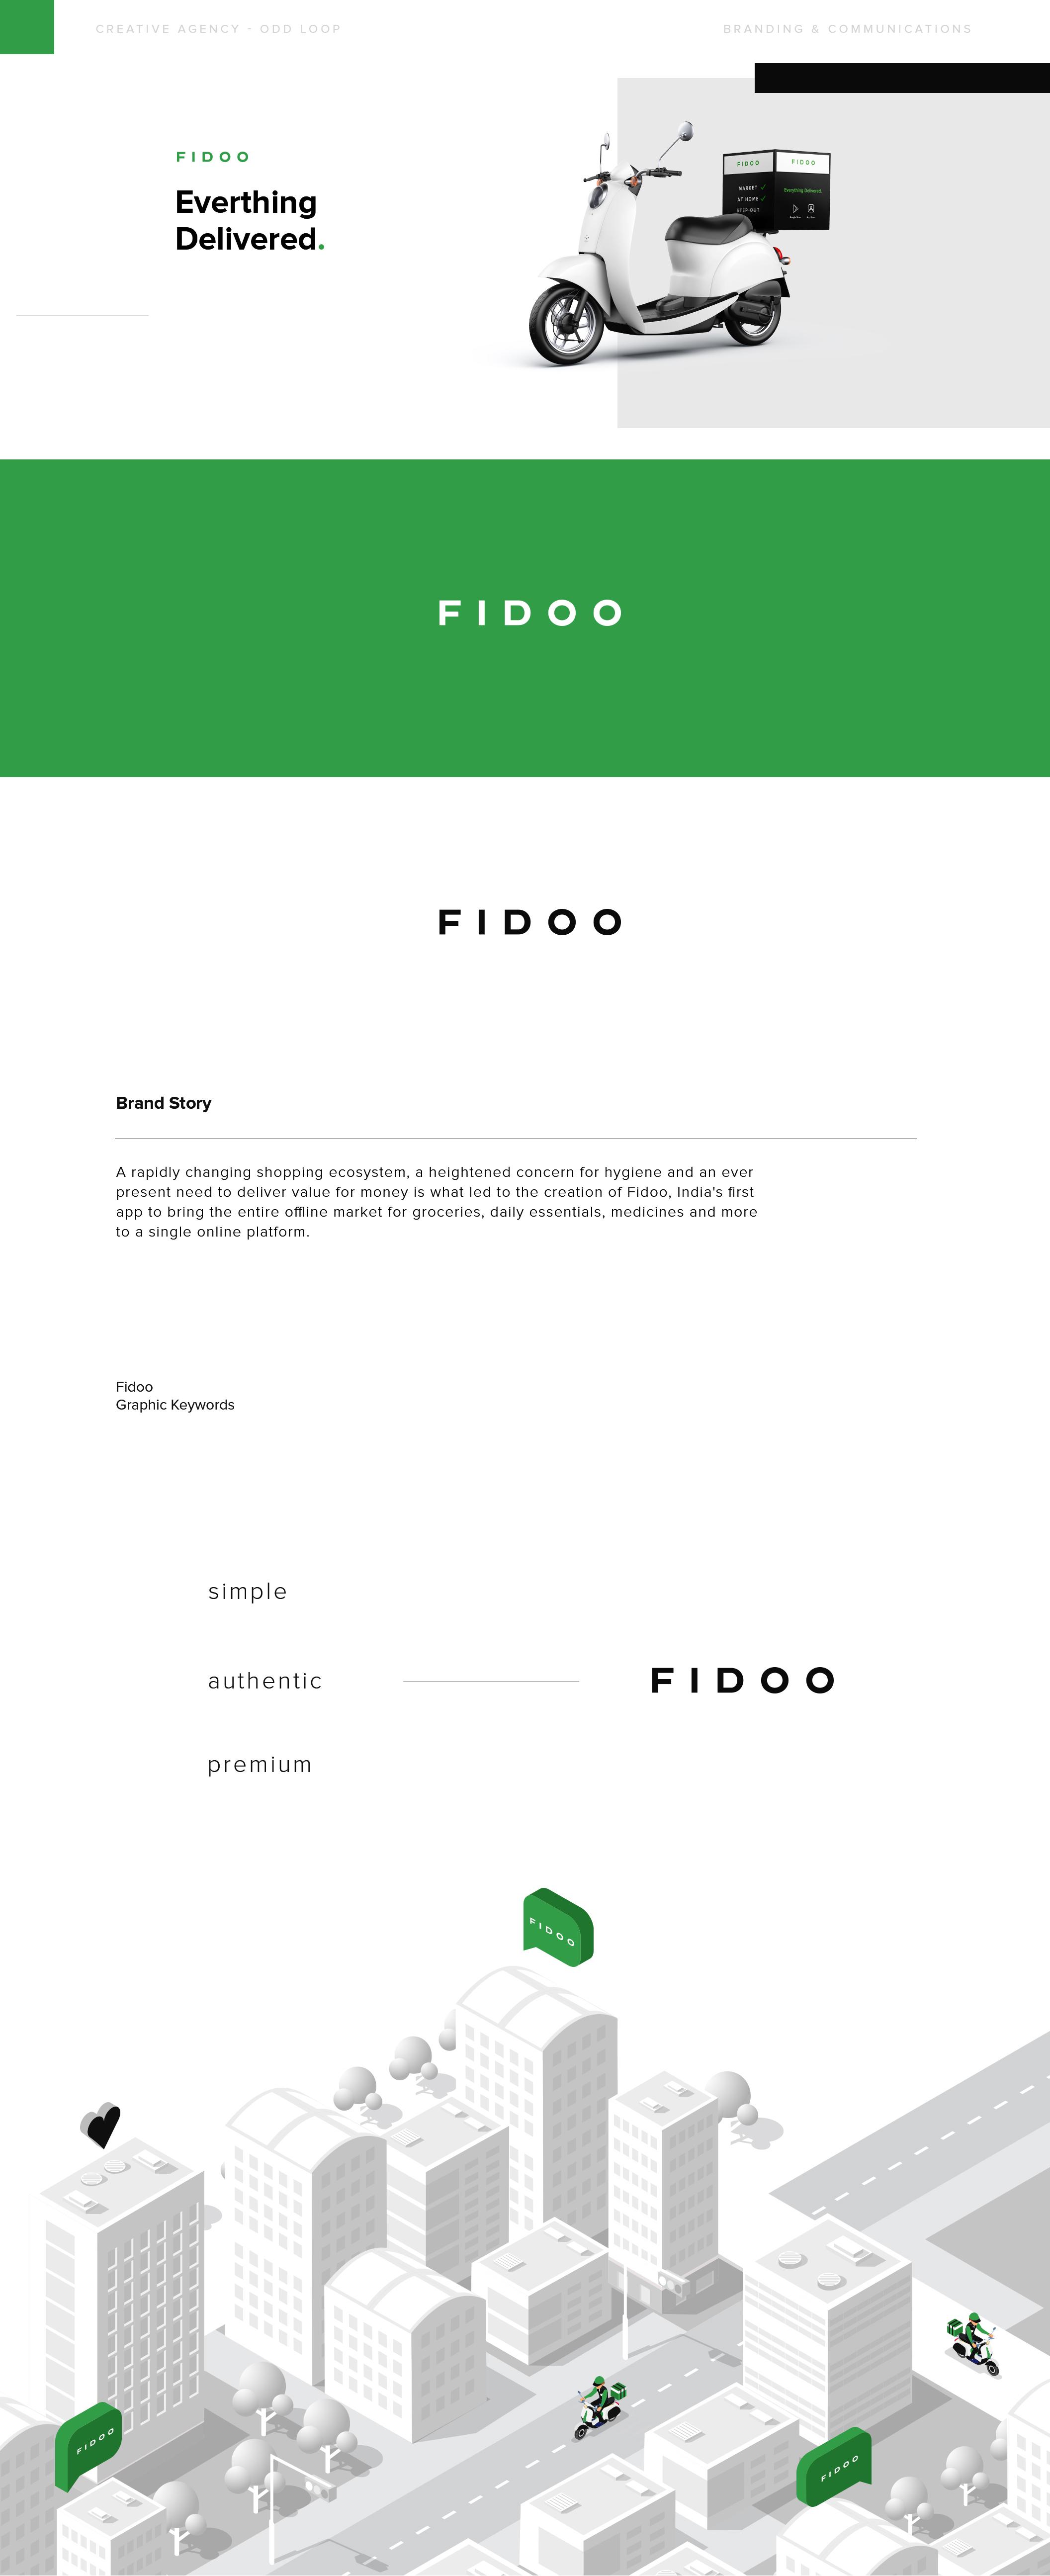 FIDOO_1